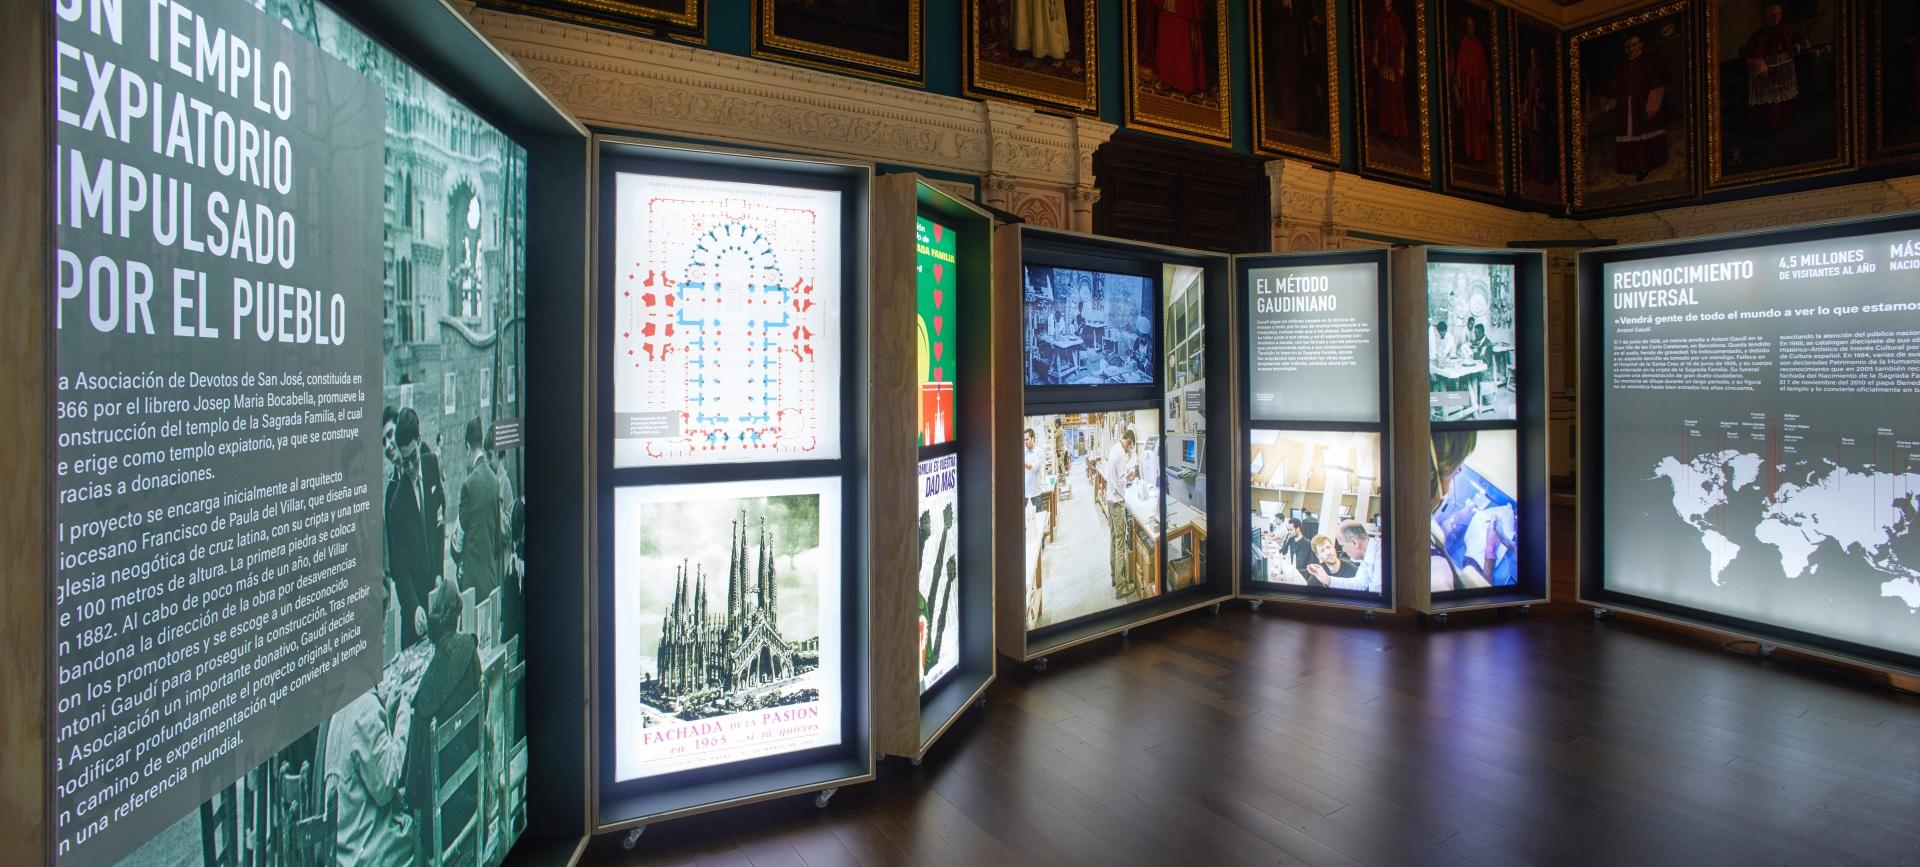 Exposición Gaudí Sagrada Familia. Plano de edificio y otras imágenes en cajas iluminadas.